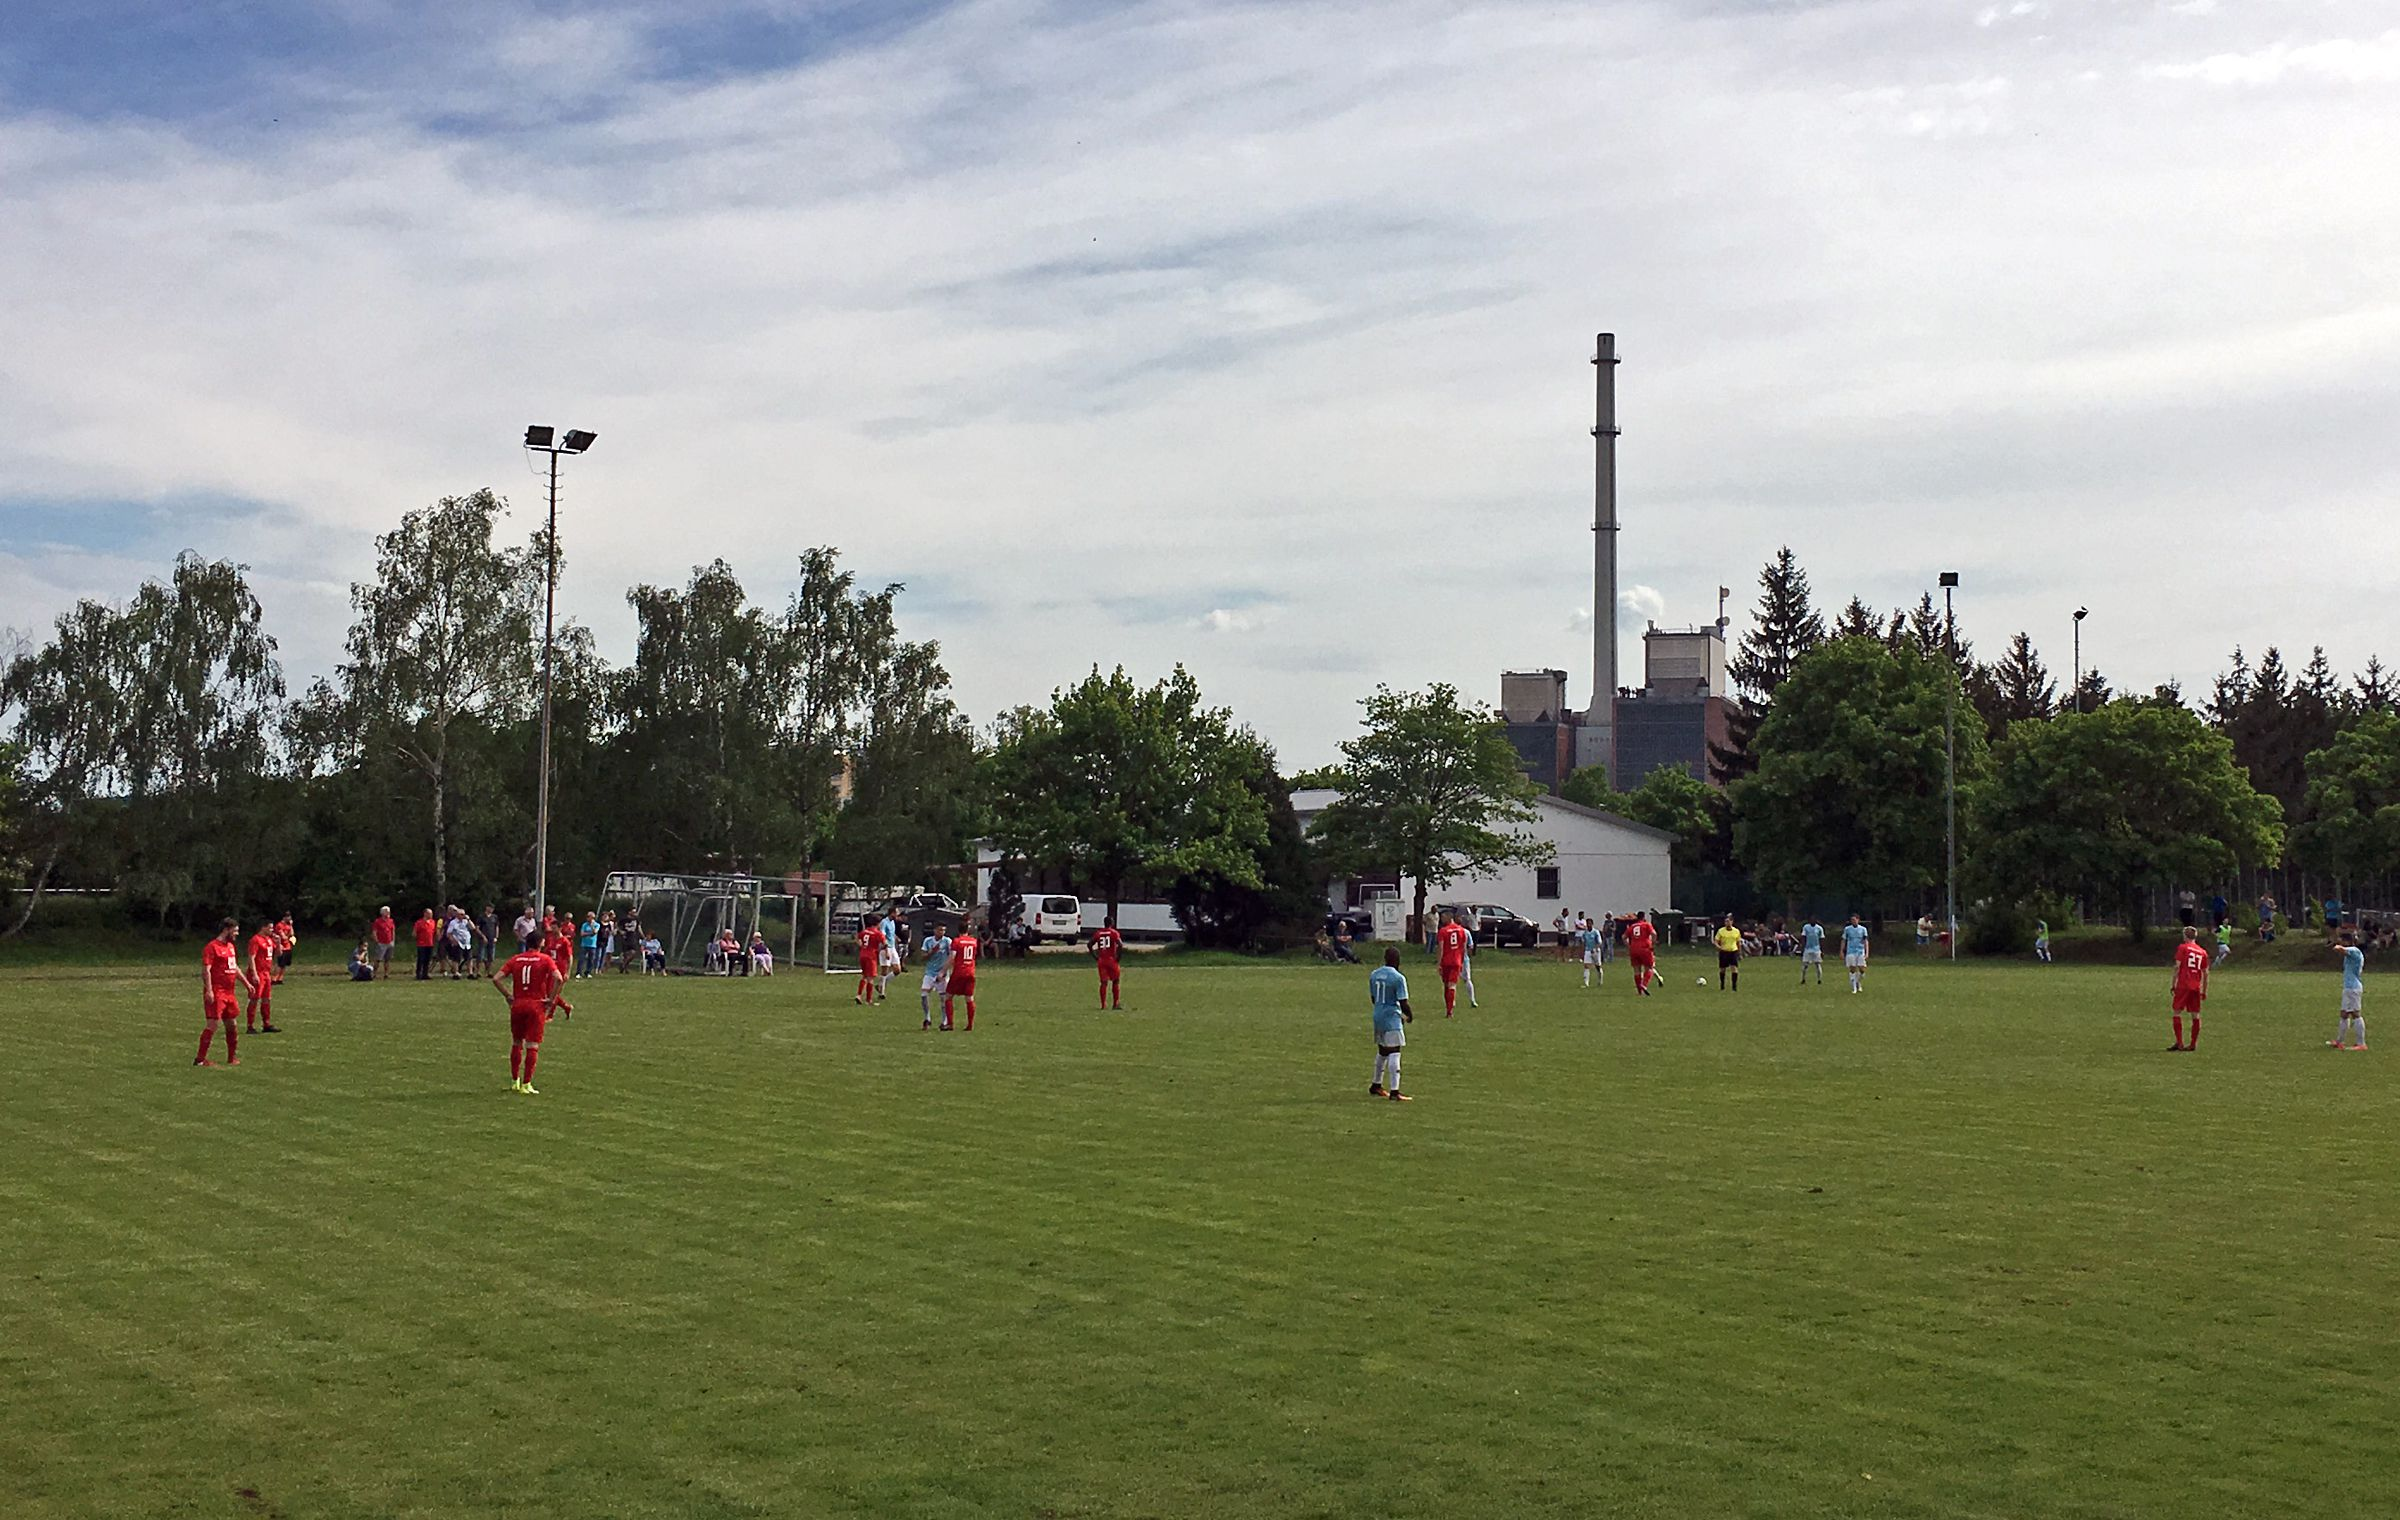 Malerisch: Das Heizkraftwerk im Hintergrund…